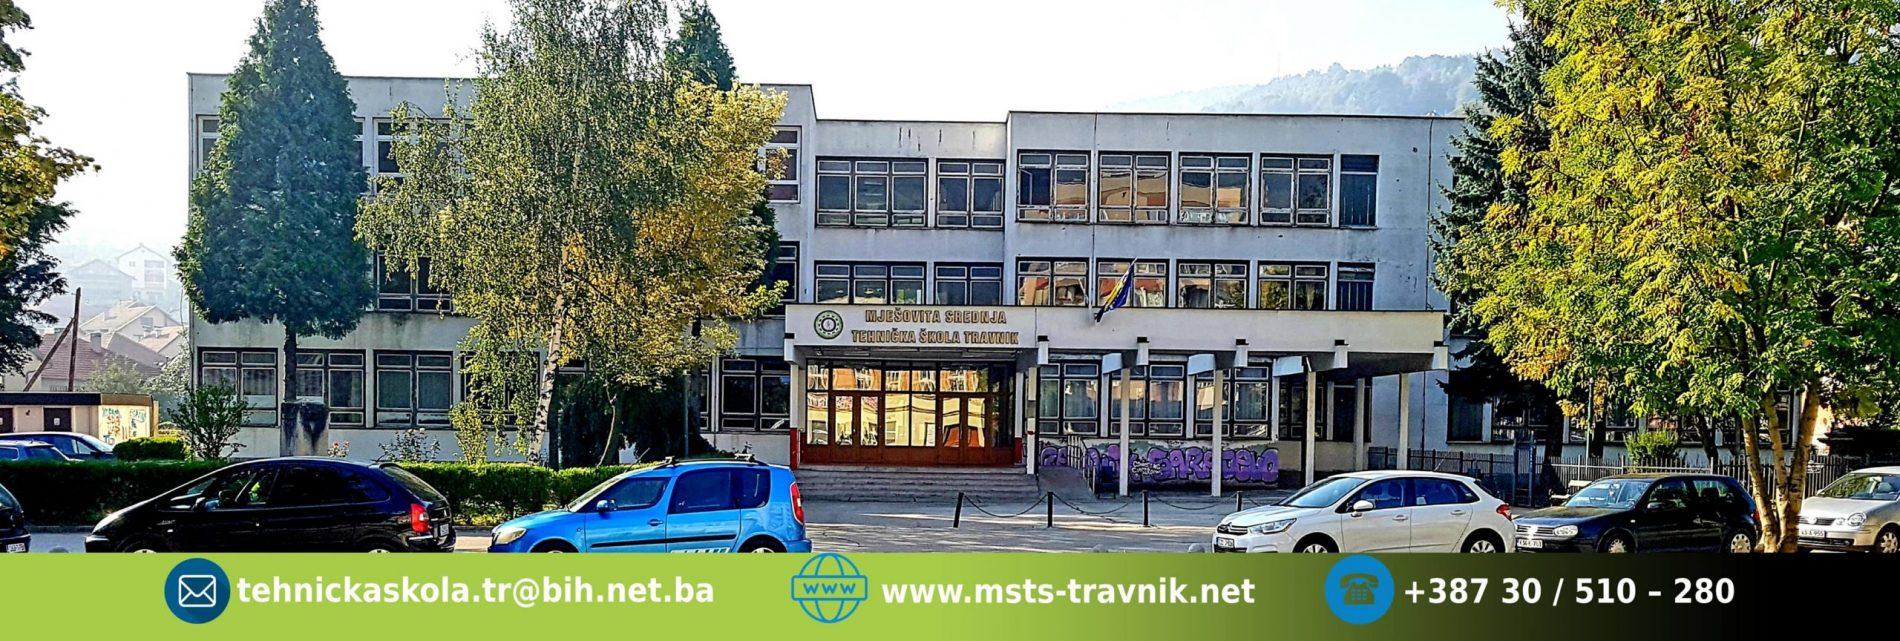 Srednja tehnička škola u Travniku kao primjer drugim školama